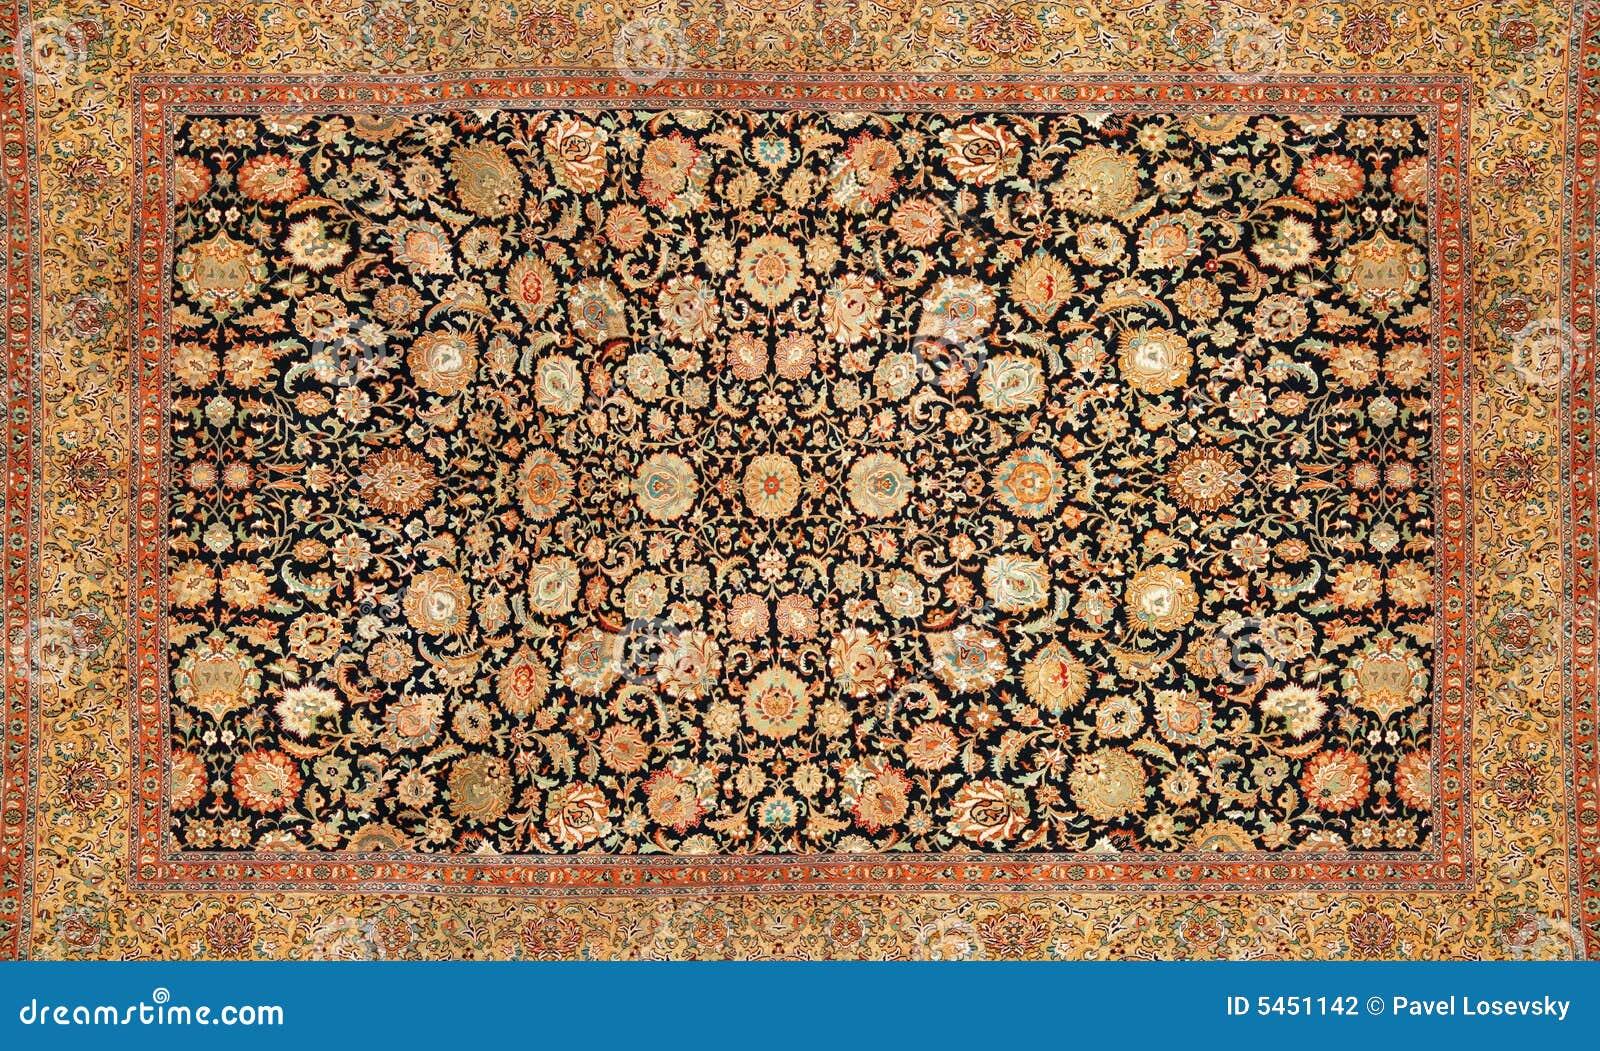 Orientalischer teppich  Orientalischer Teppich Stockfotografie - Bild: 5451142